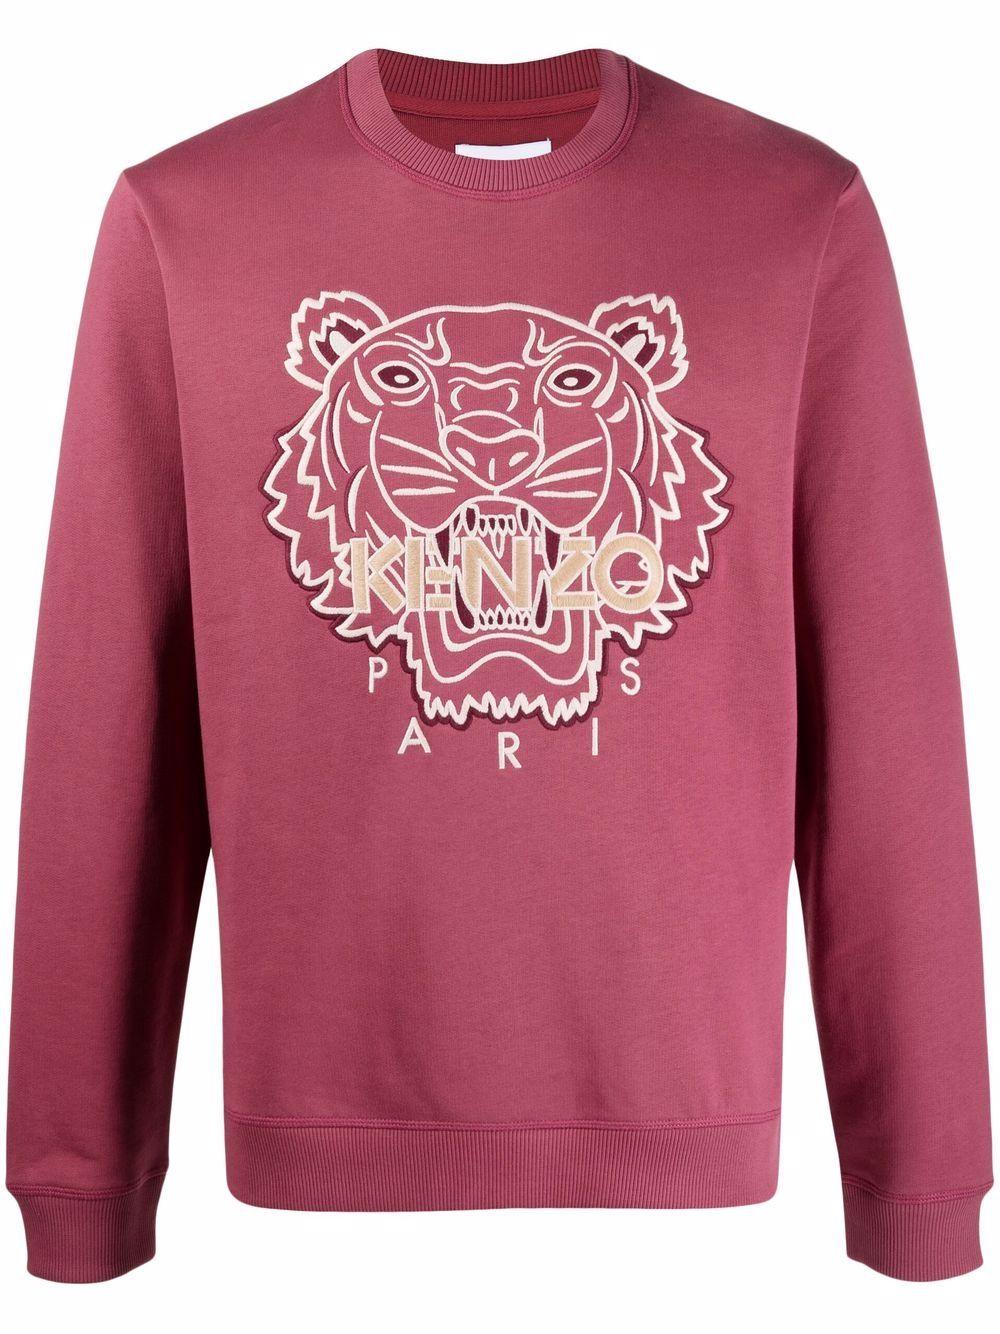 Kenzo logo-embroidered sweatshirt - Rosa